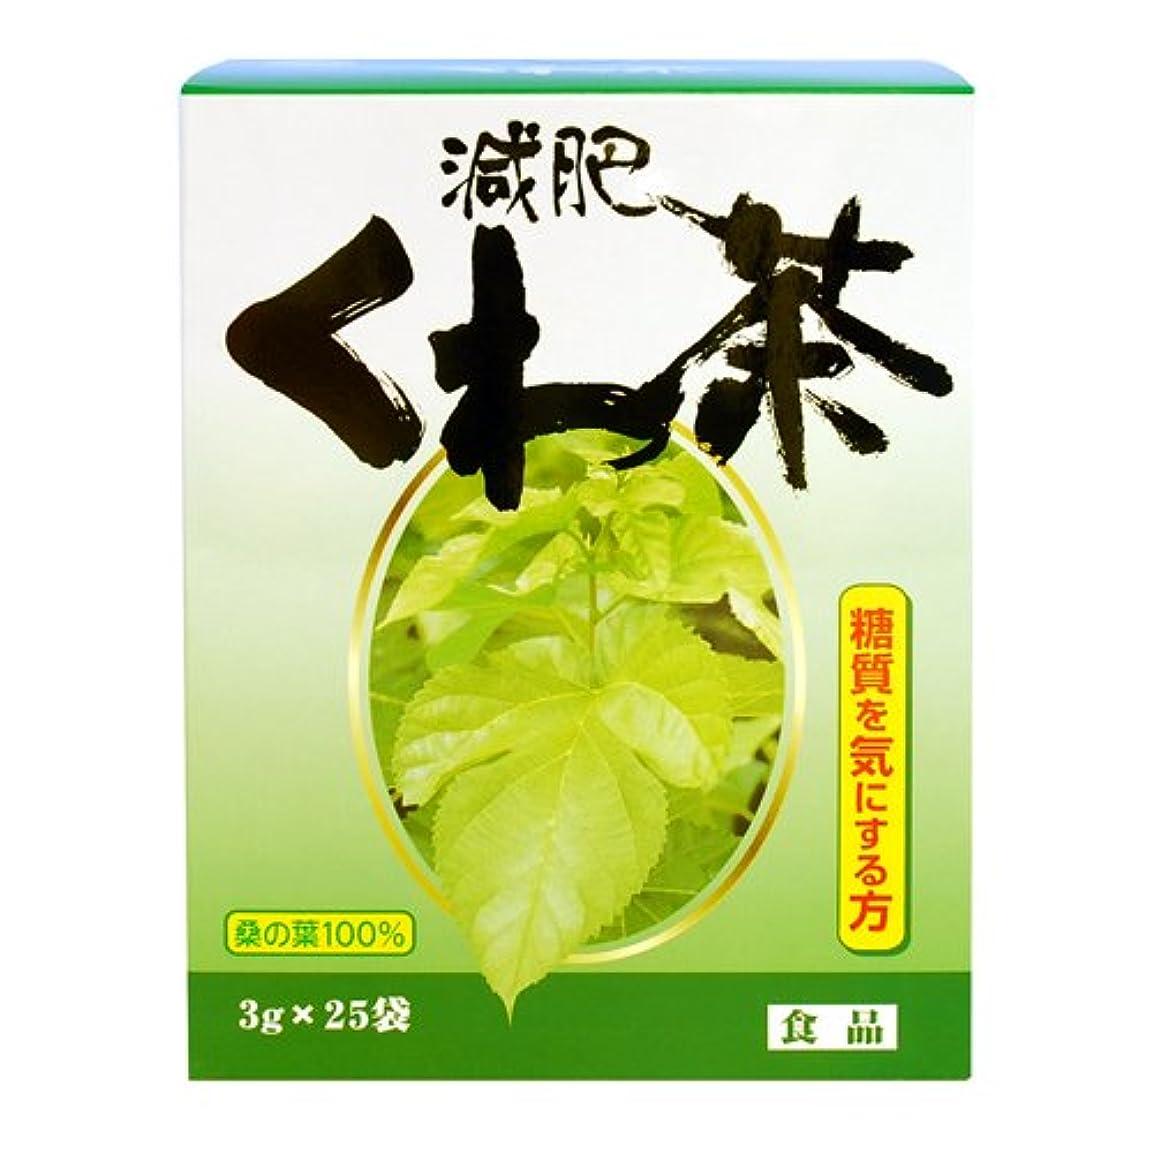 系統的分類アドバンテージリケン 減肥くわ茶 3g×25包